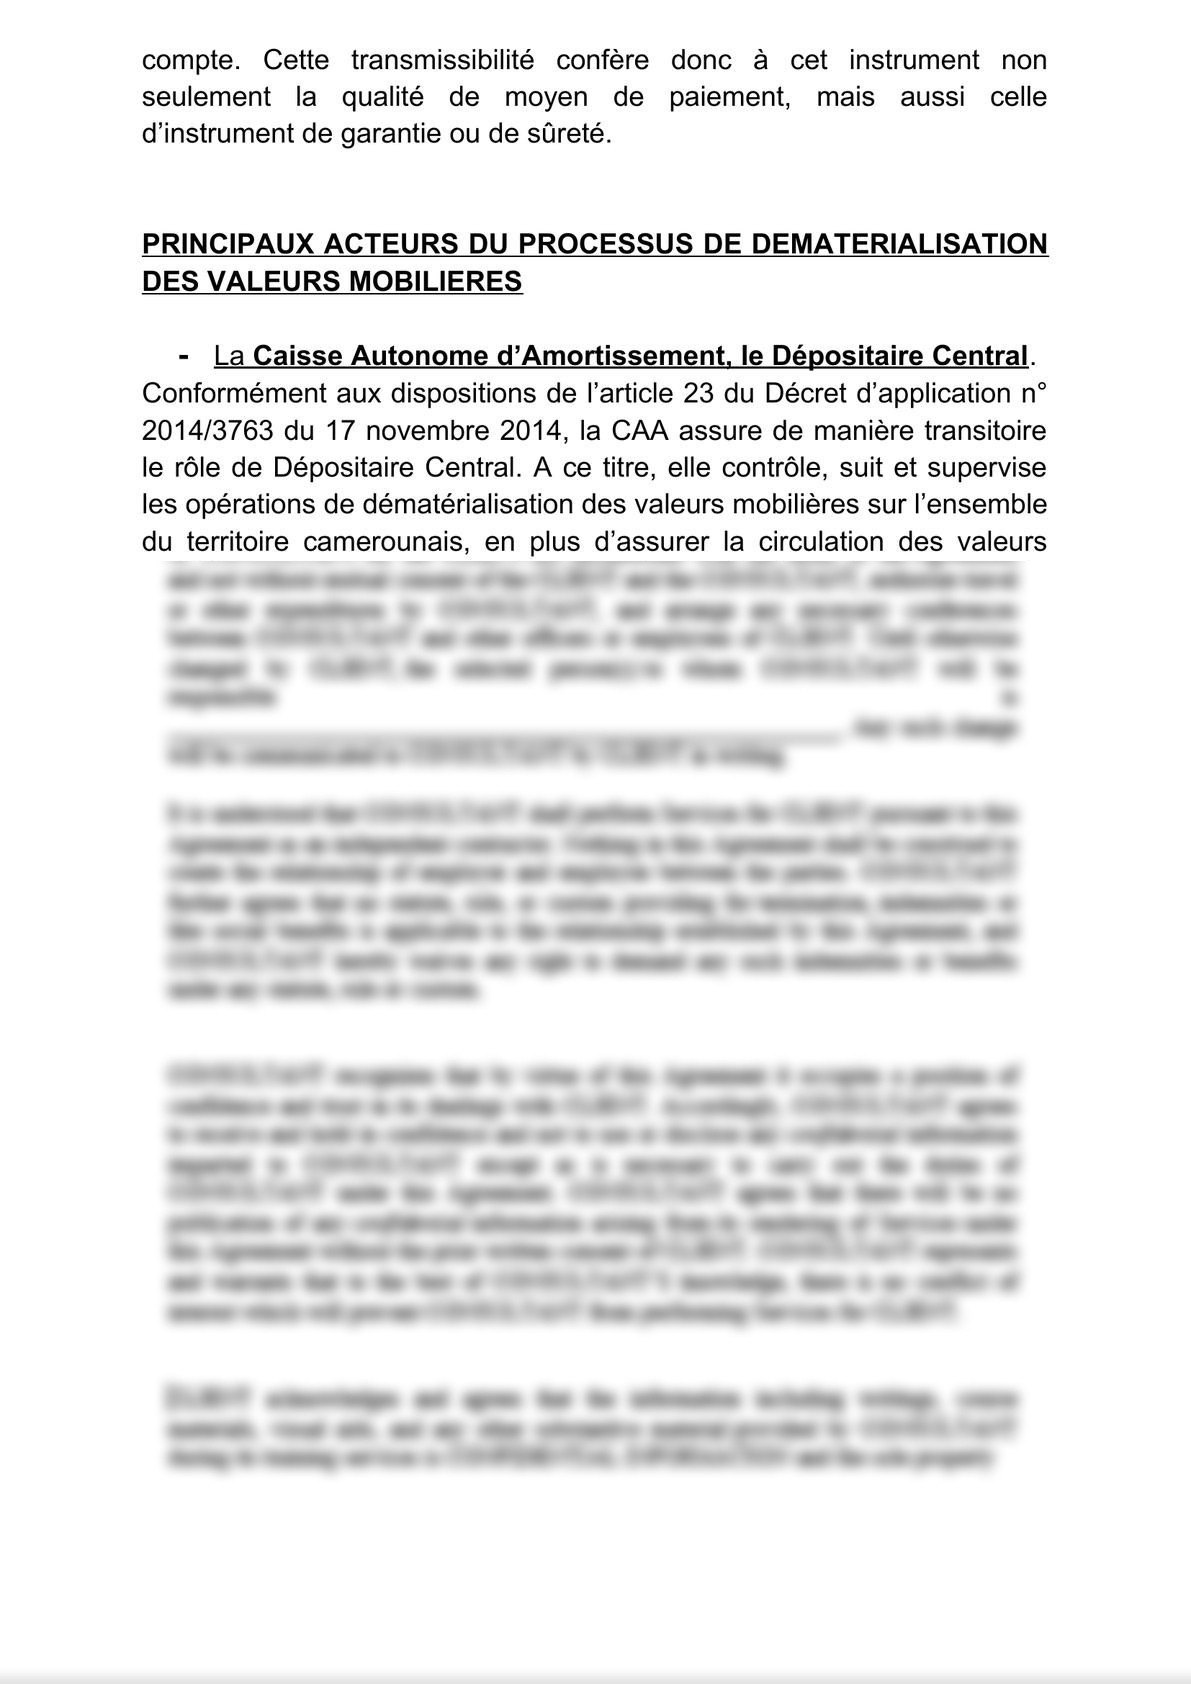 Dématérialisation et sécurité dans la circulation des titres sociaux : le cas du Cameroun-1